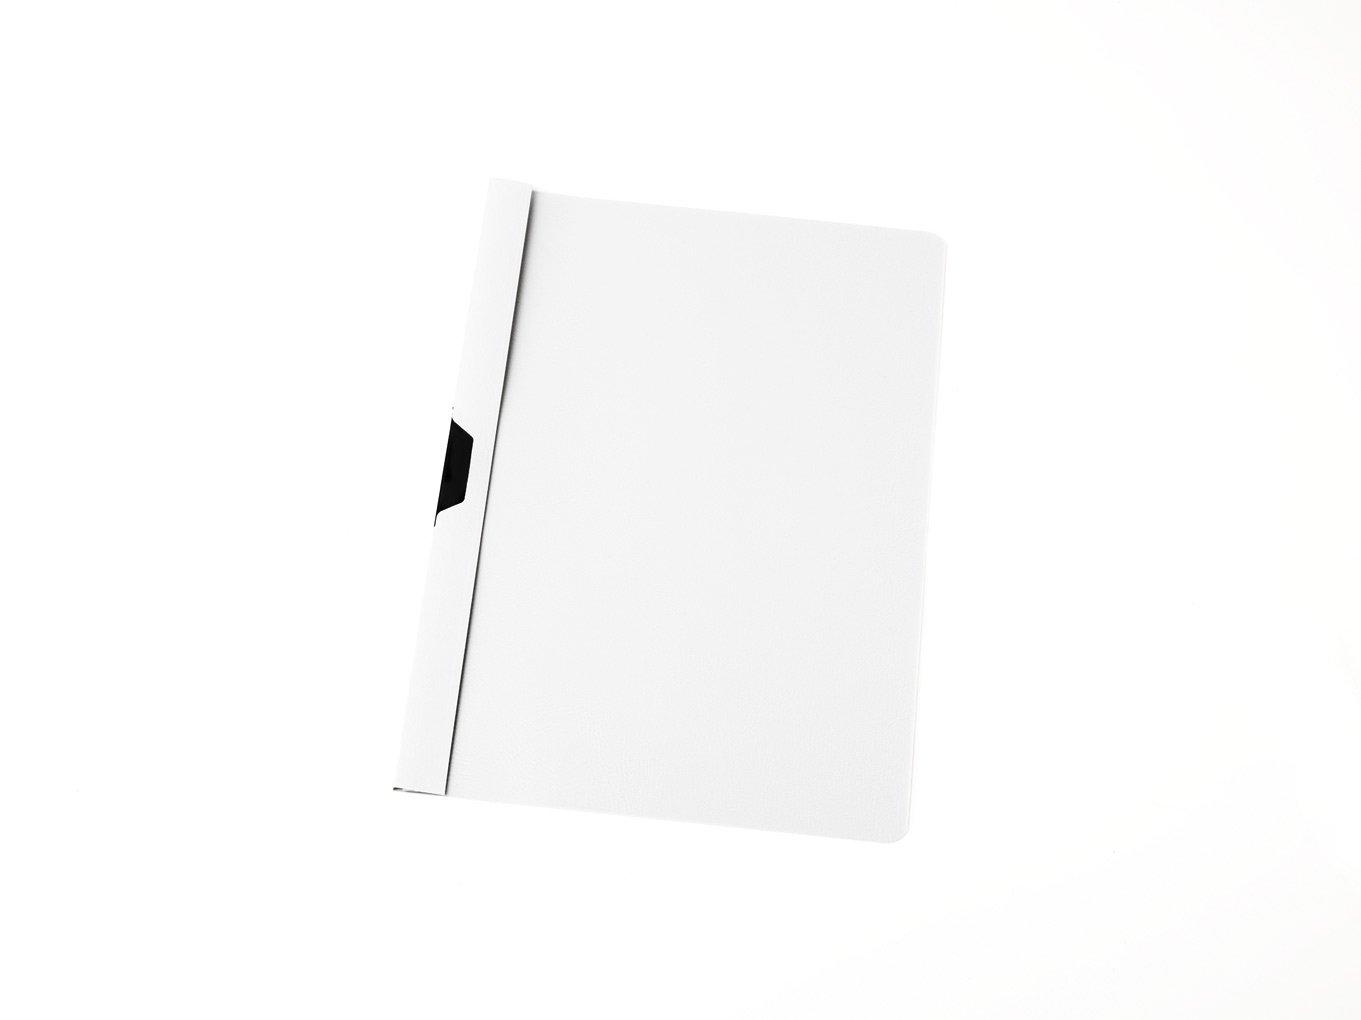 100 Cliphefter DIN A4 Bewerbungsmappe Farbe schwarz Klemmhefter